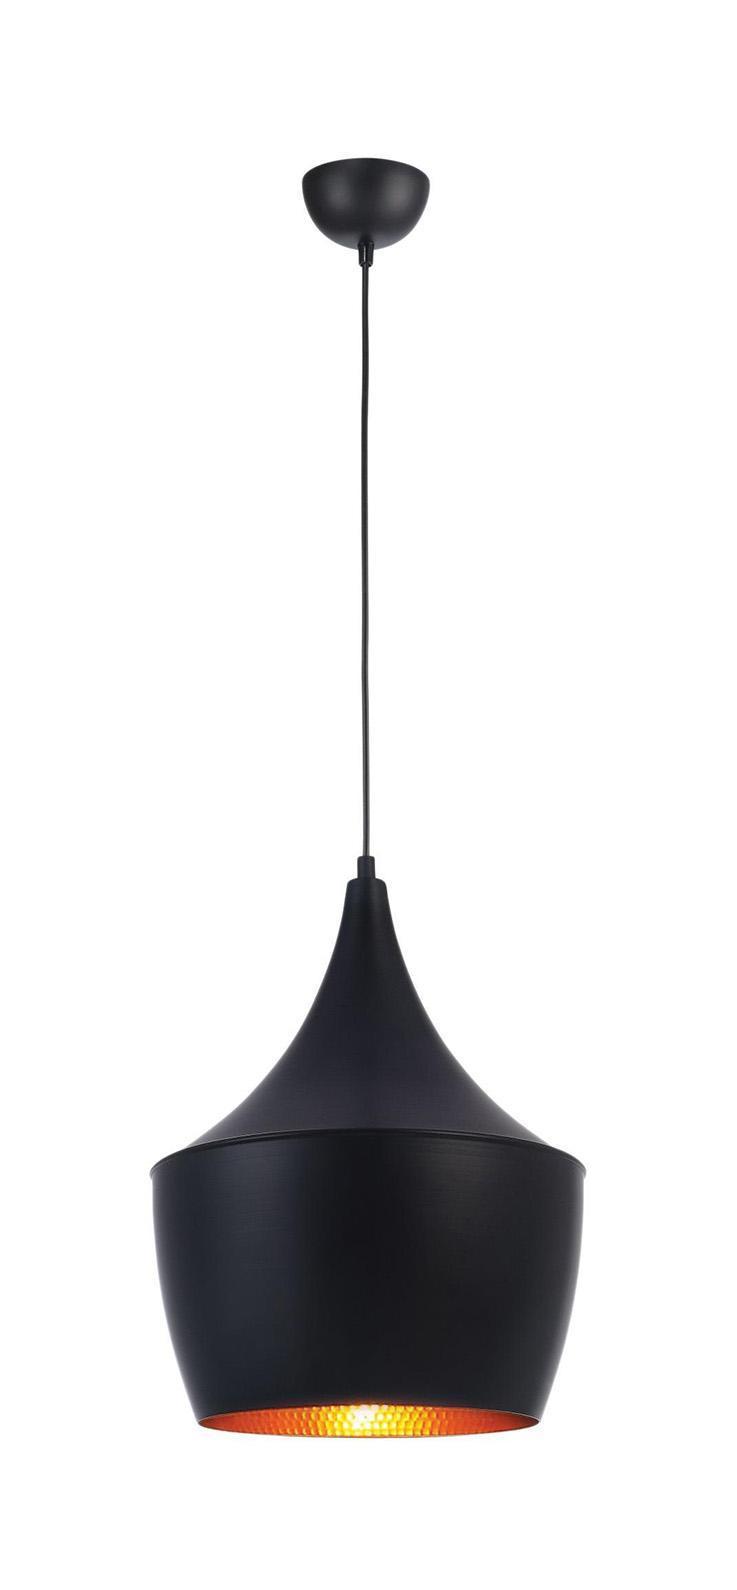 Купить Светильник подвесной Arte lamp A3407sp-1bk